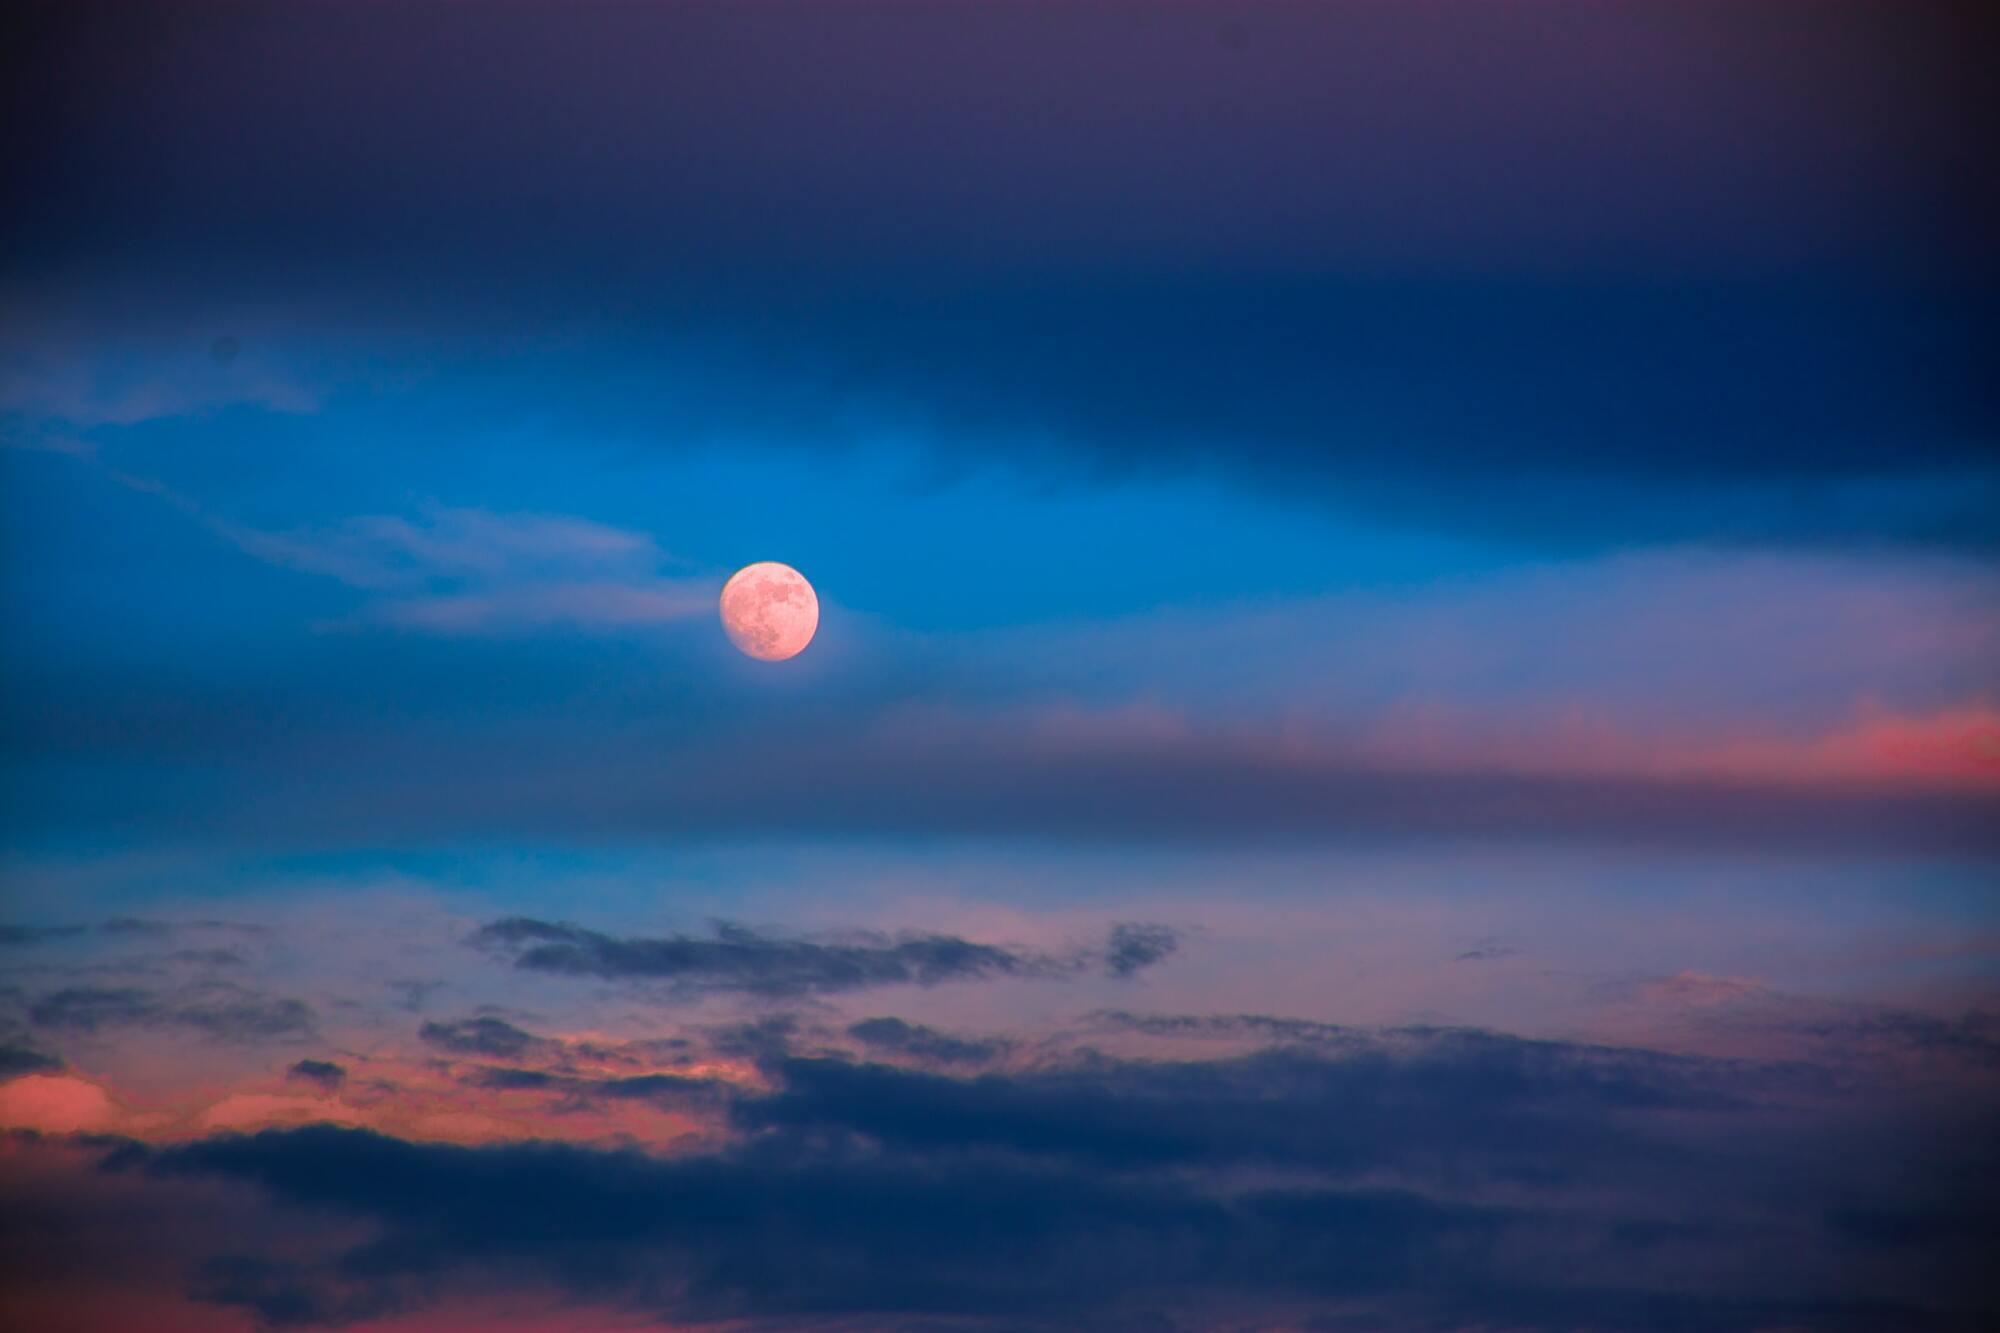 24 червня над Землею зійде Полуничний місяць